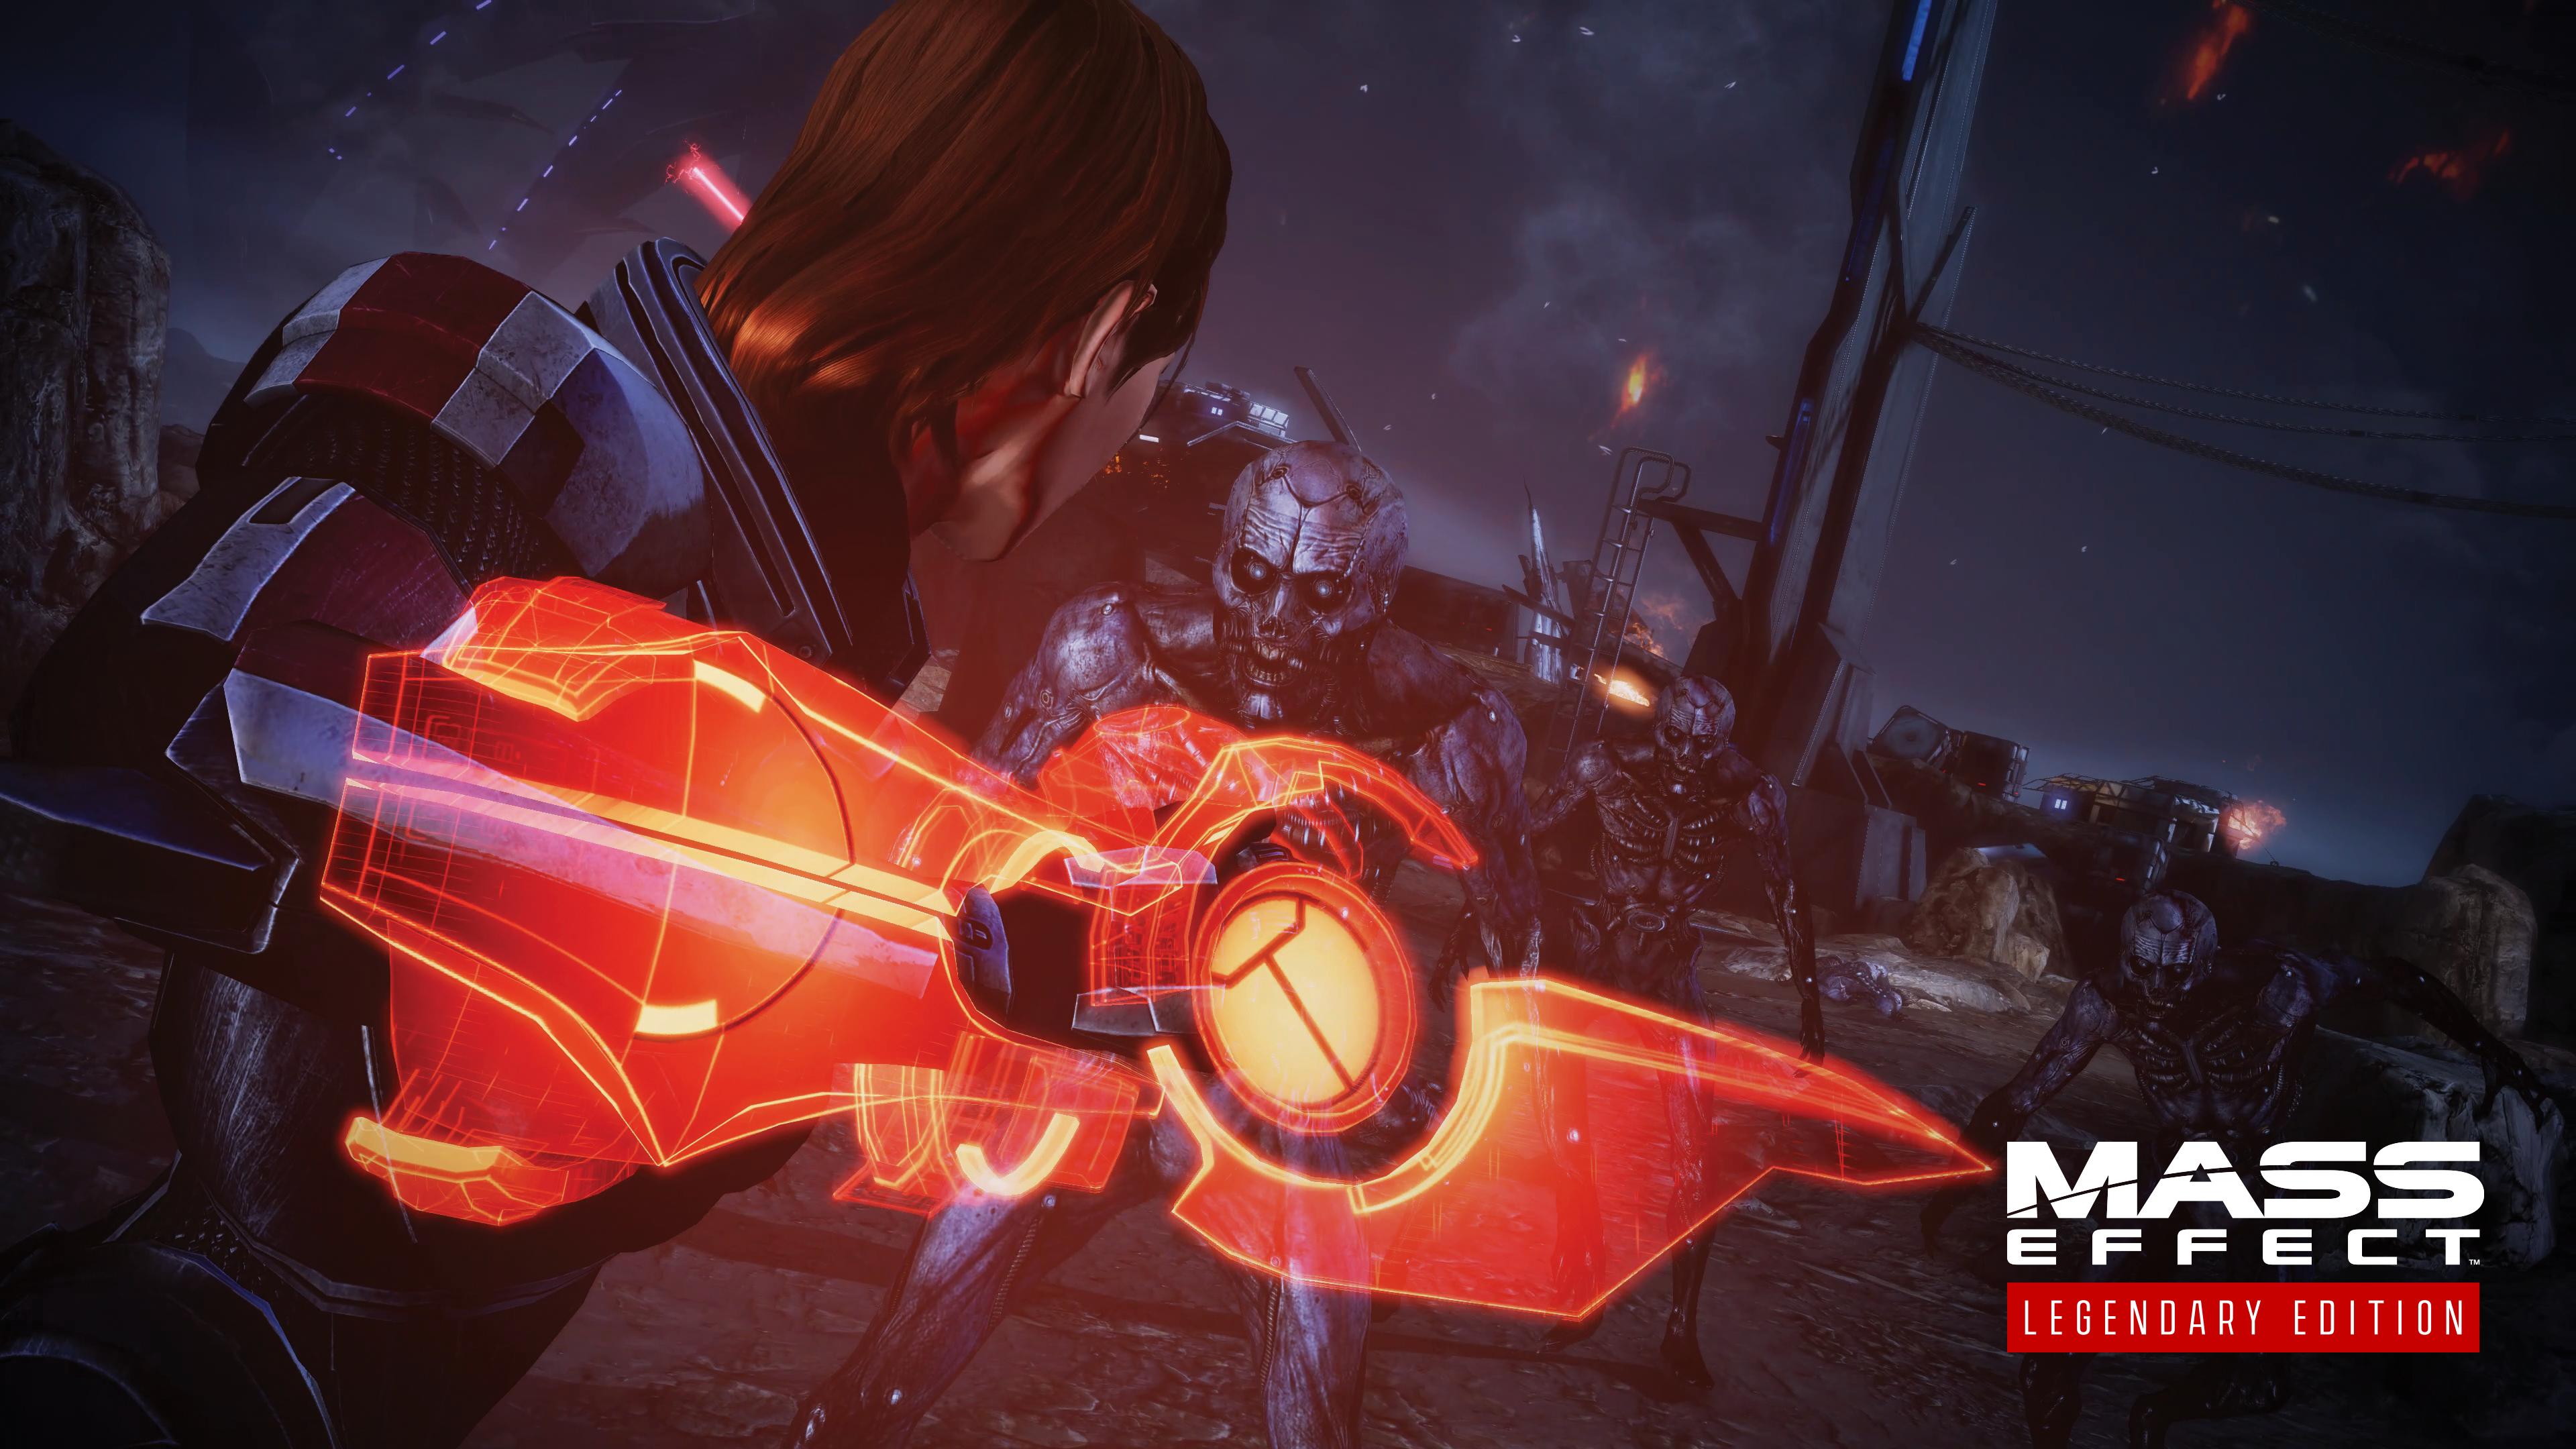 Mass+Effect+Legendary+Edition+_OMNIBLADE_3840x2160